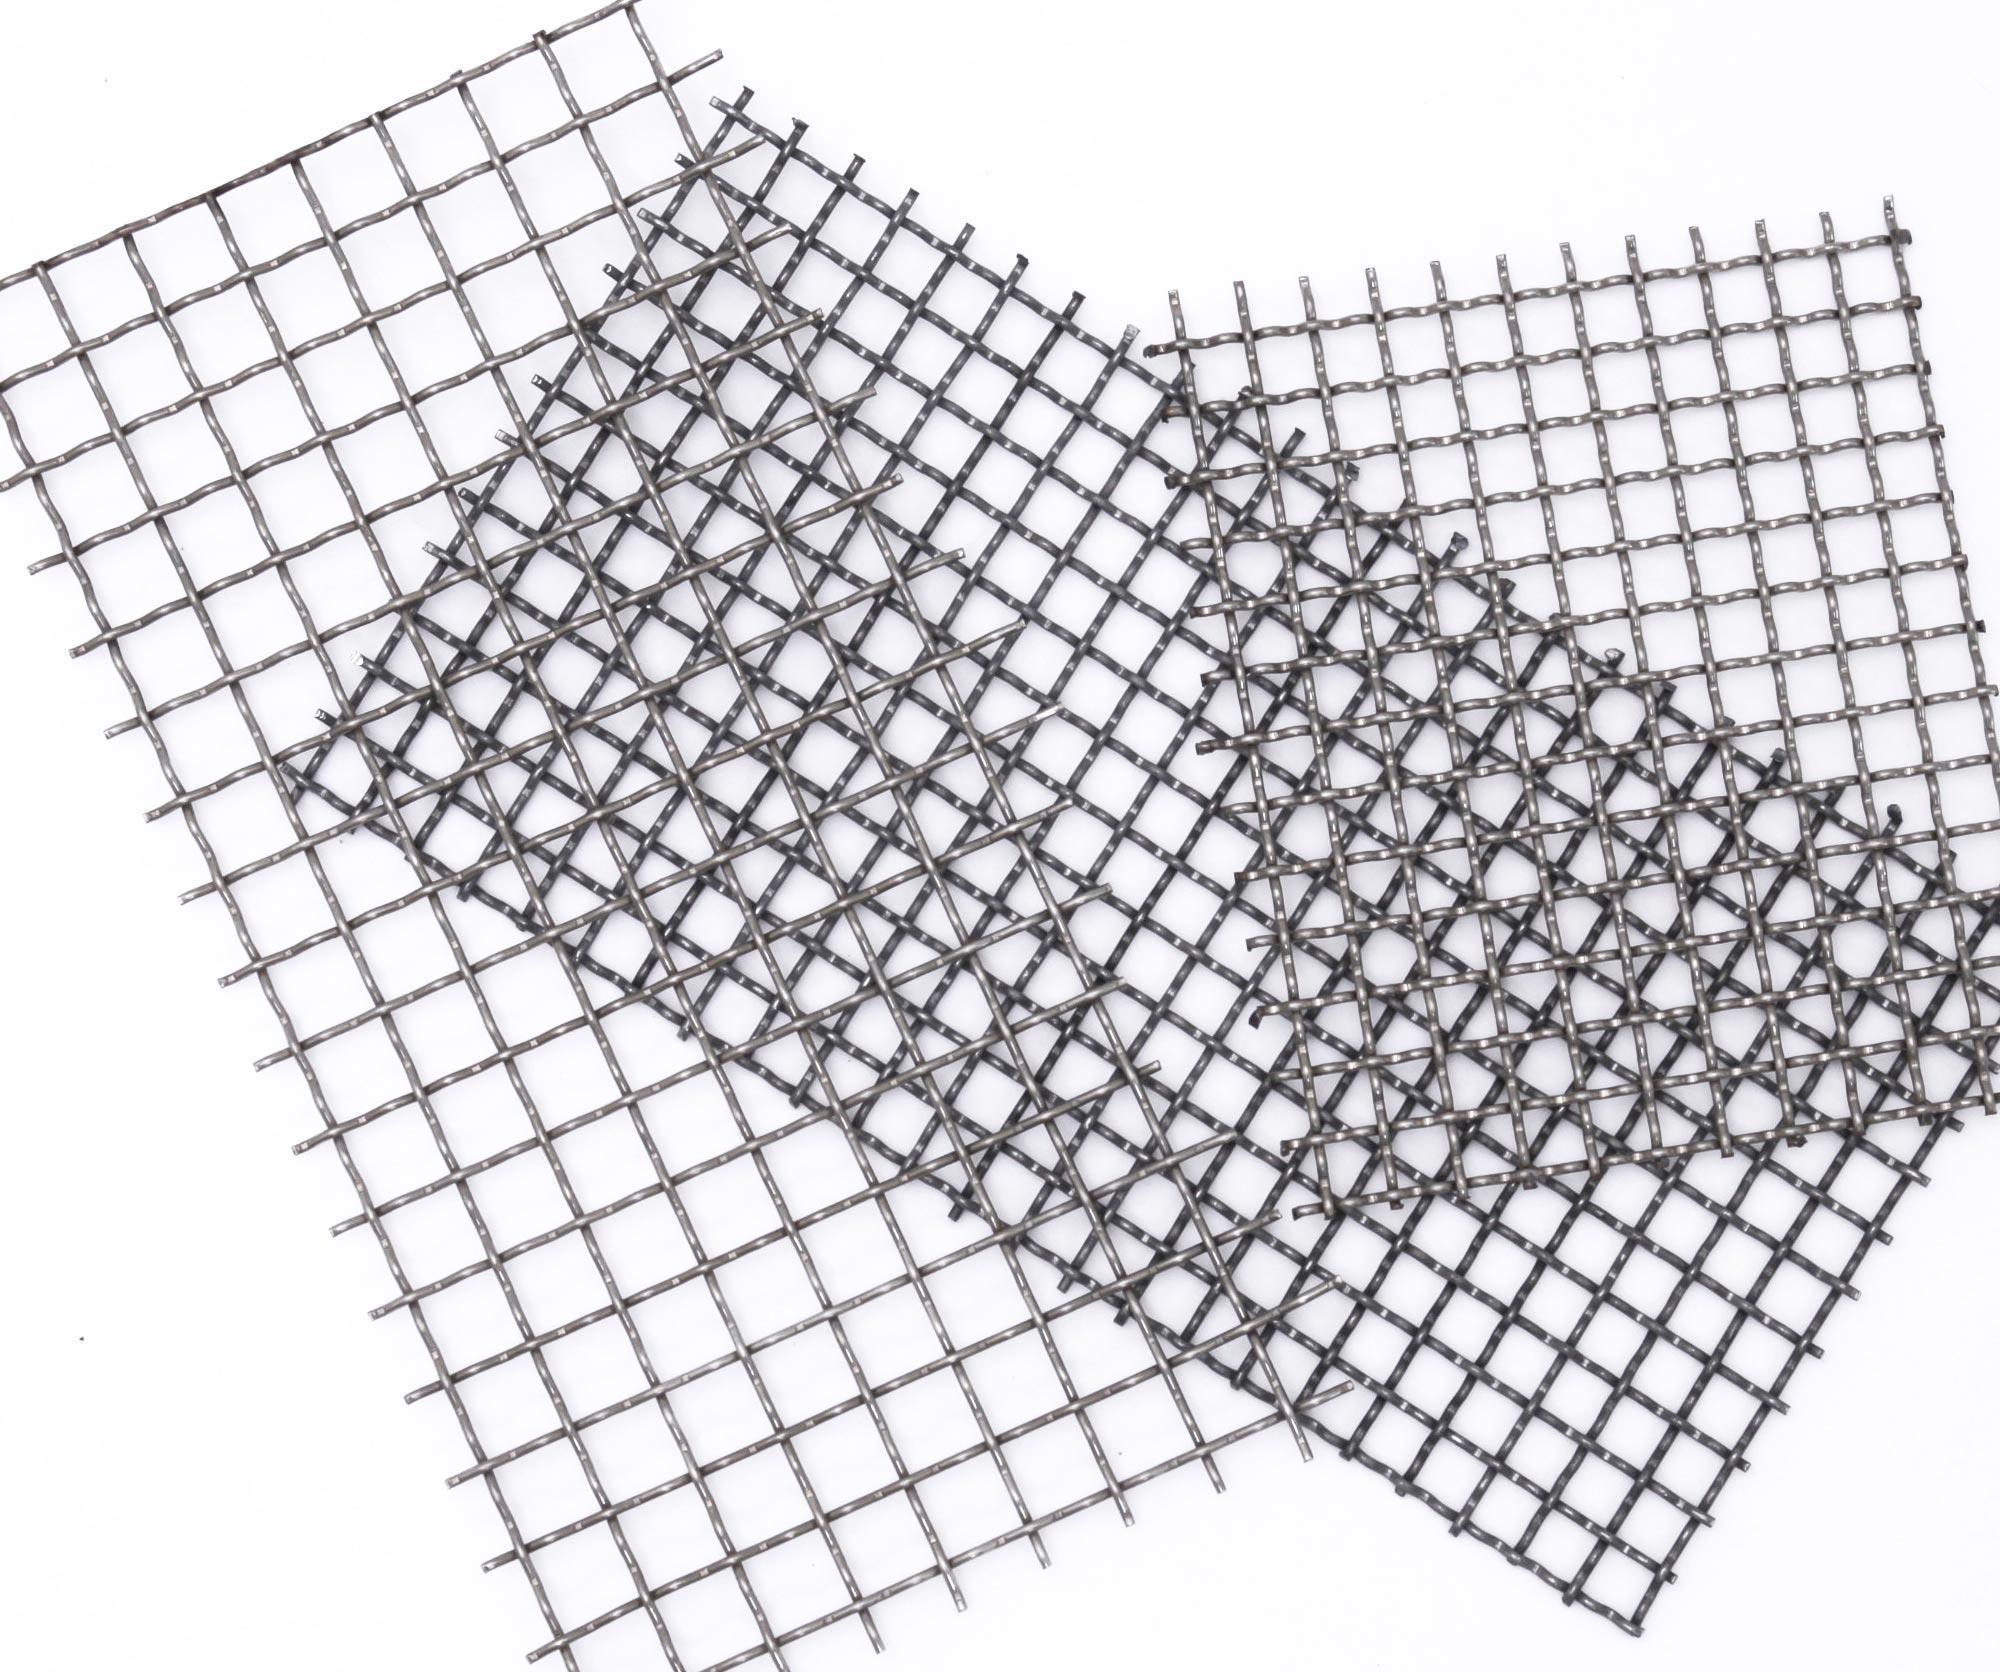 Prodotti - Reti Metalliche - Ondulate - L.P.S. Lamiere Perforate Speciali